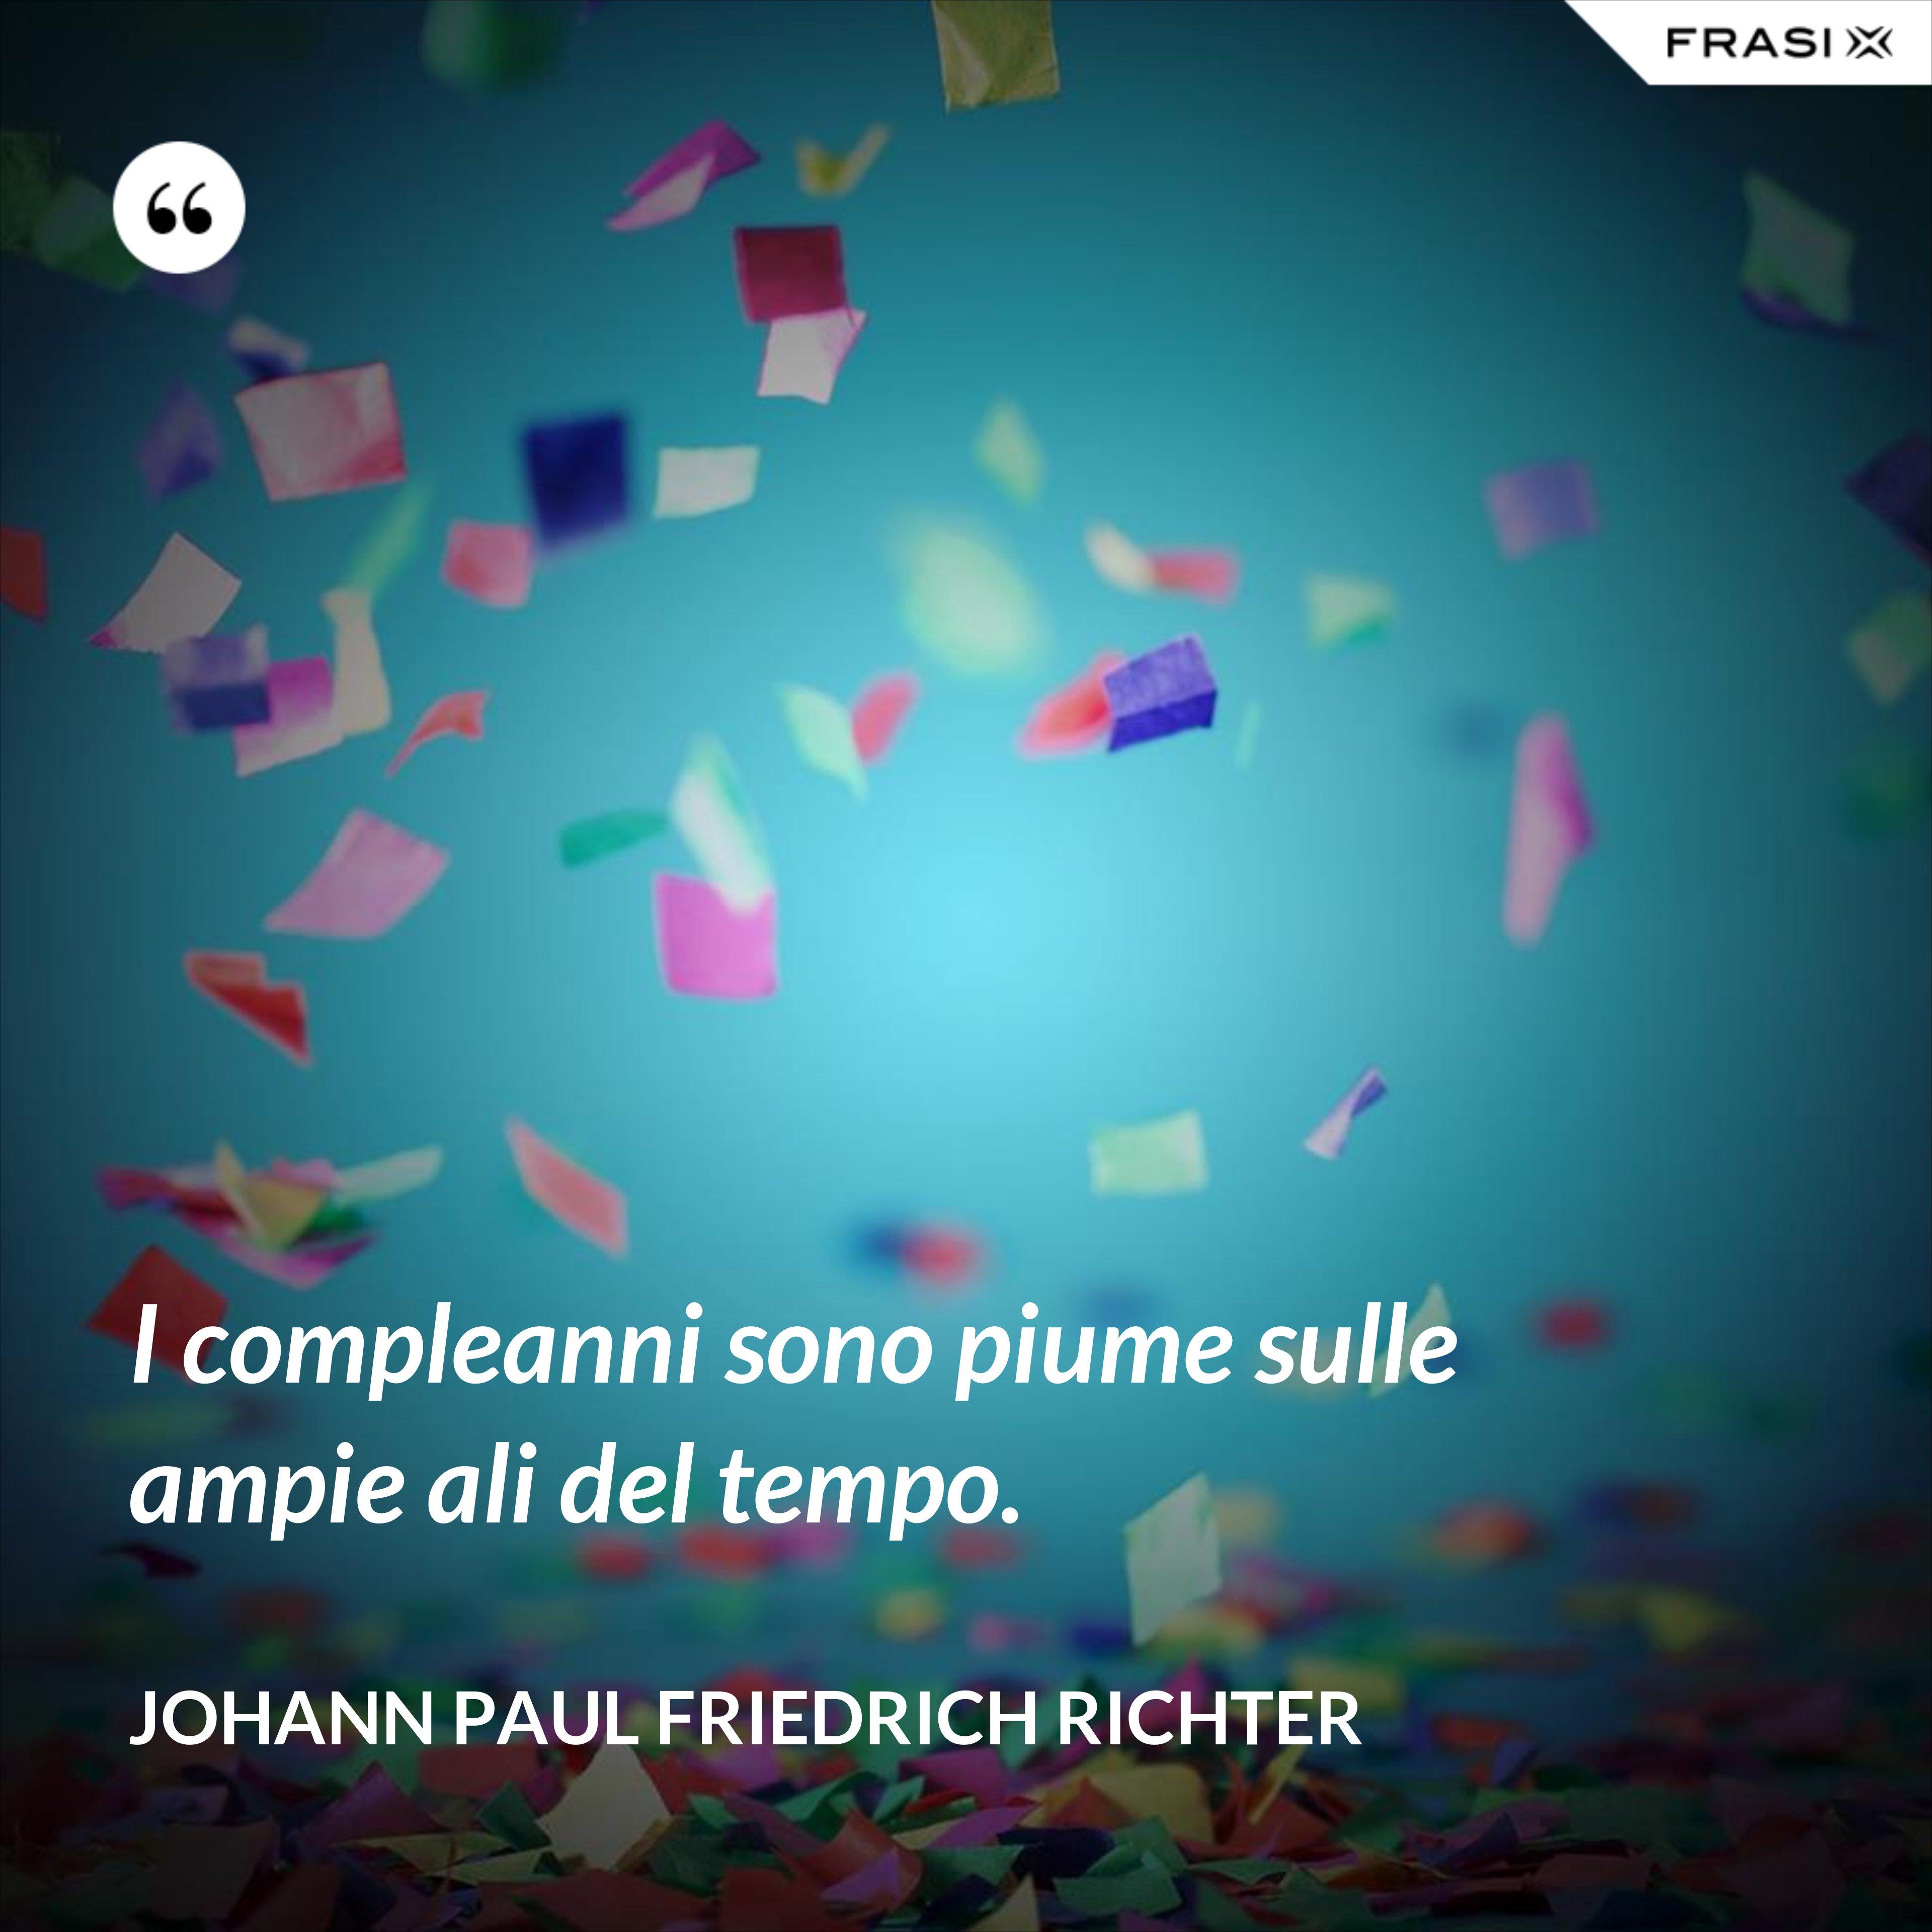 I compleanni sono piume sulle ampie ali del tempo. - Johann Paul Friedrich Richter